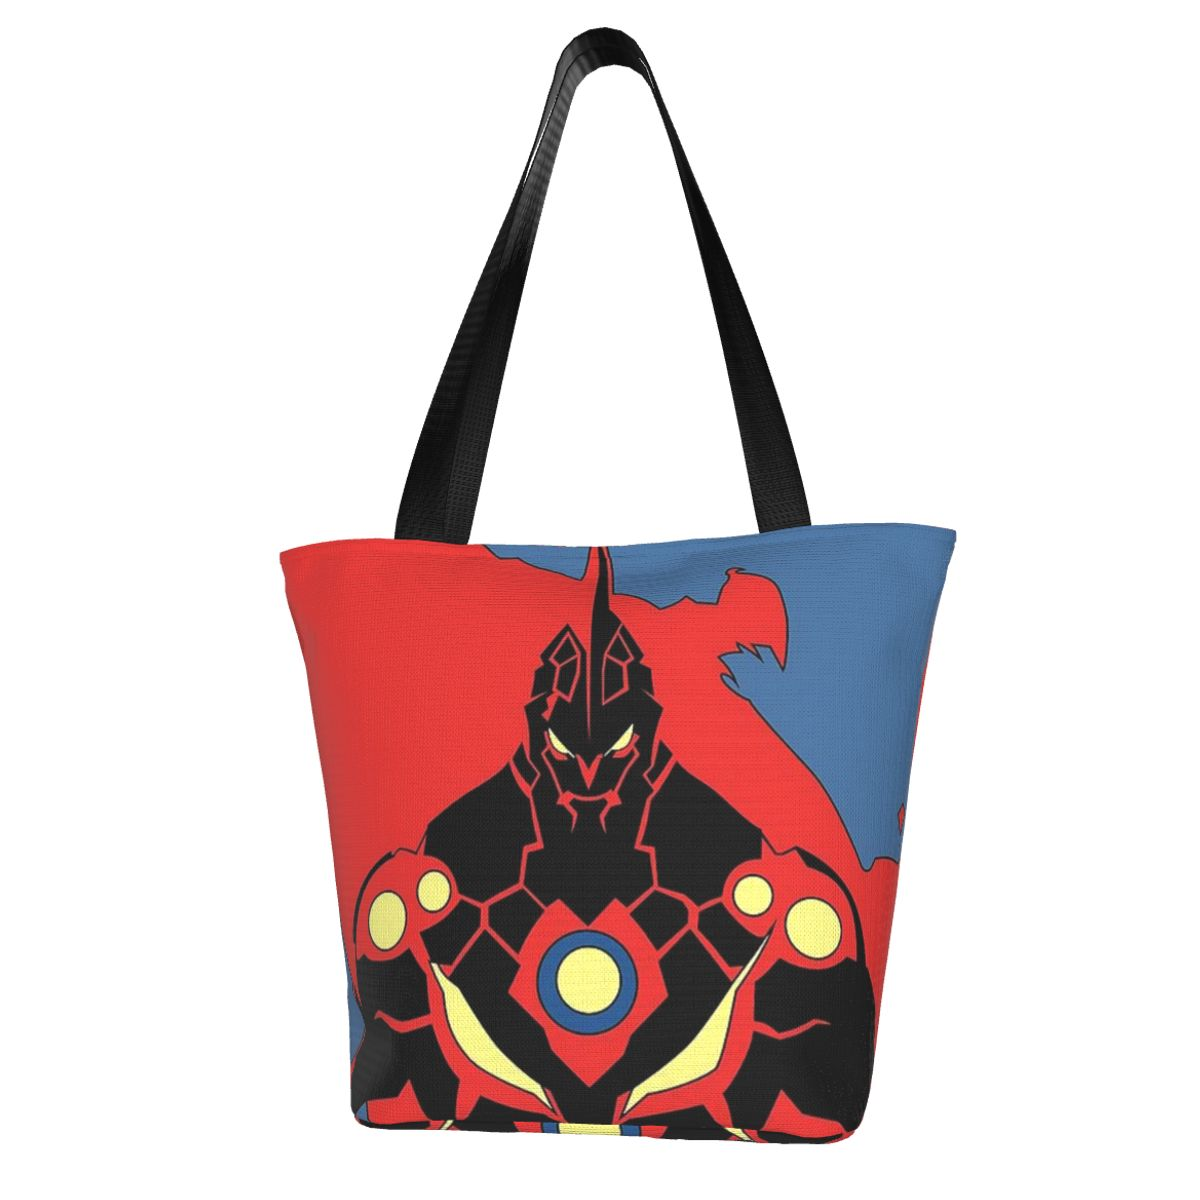 Сумка для покупок Gurren Lagann, студенческие сумки оптом, стильные тканевые дорожные сумки